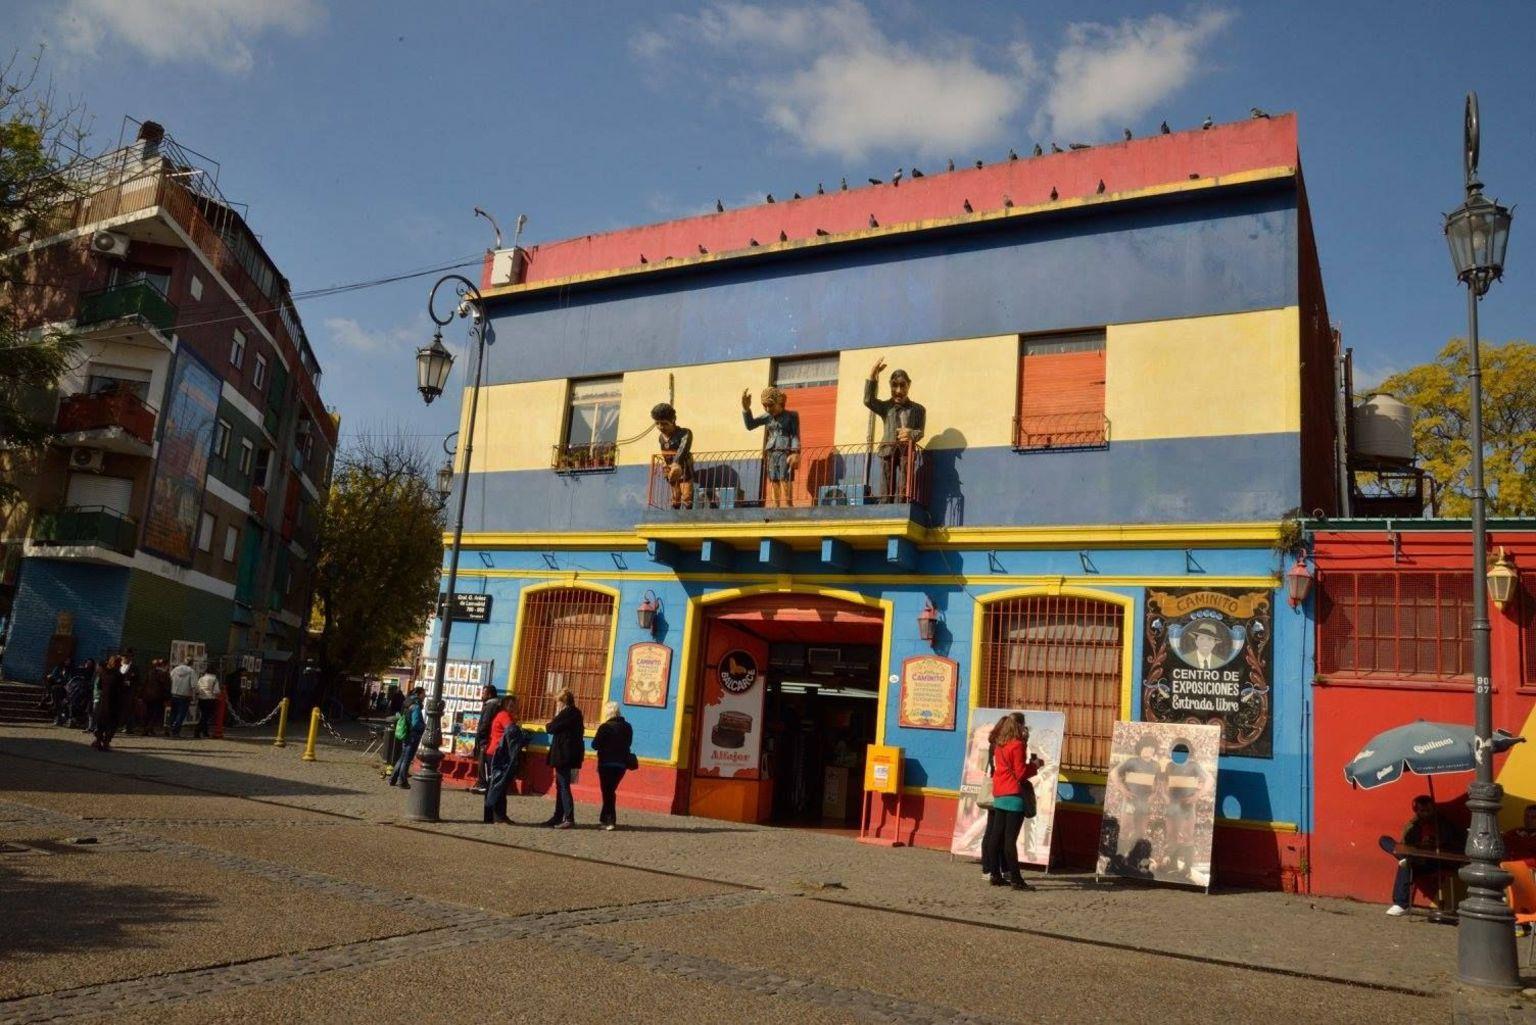 MAIS FOTOS, Buenos Aires Supereconômica: excursão turística à cidade, show de tango com jantar e cruzeiro pelo rio Delta do Tigre